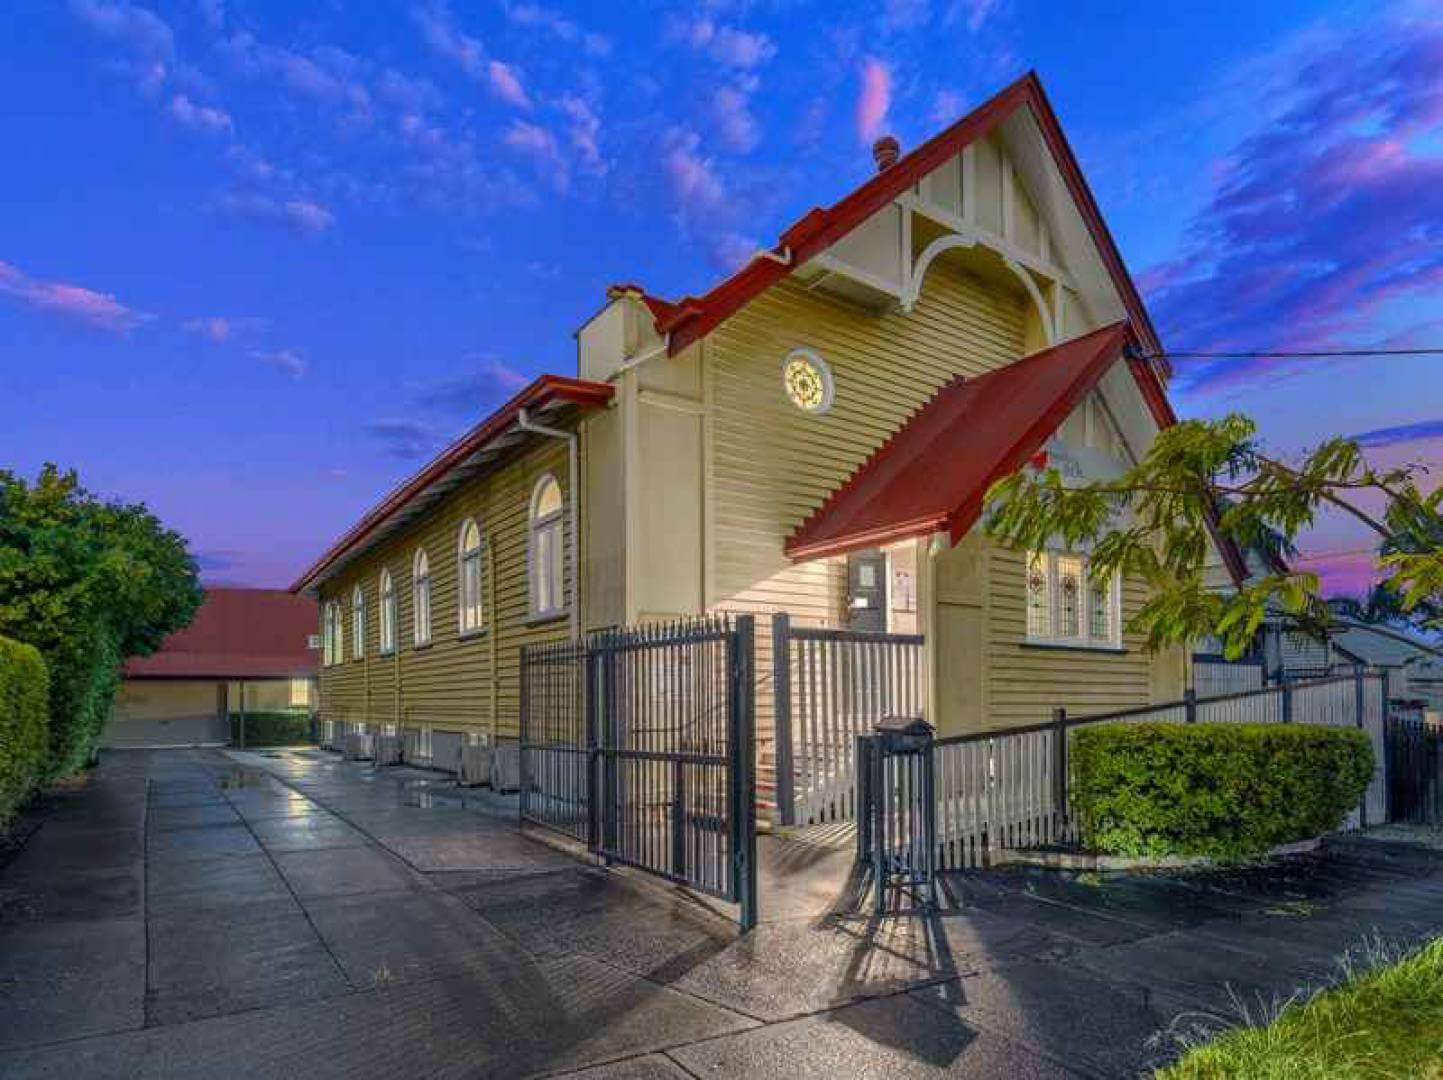 East Brisbane Methodist Church - Former